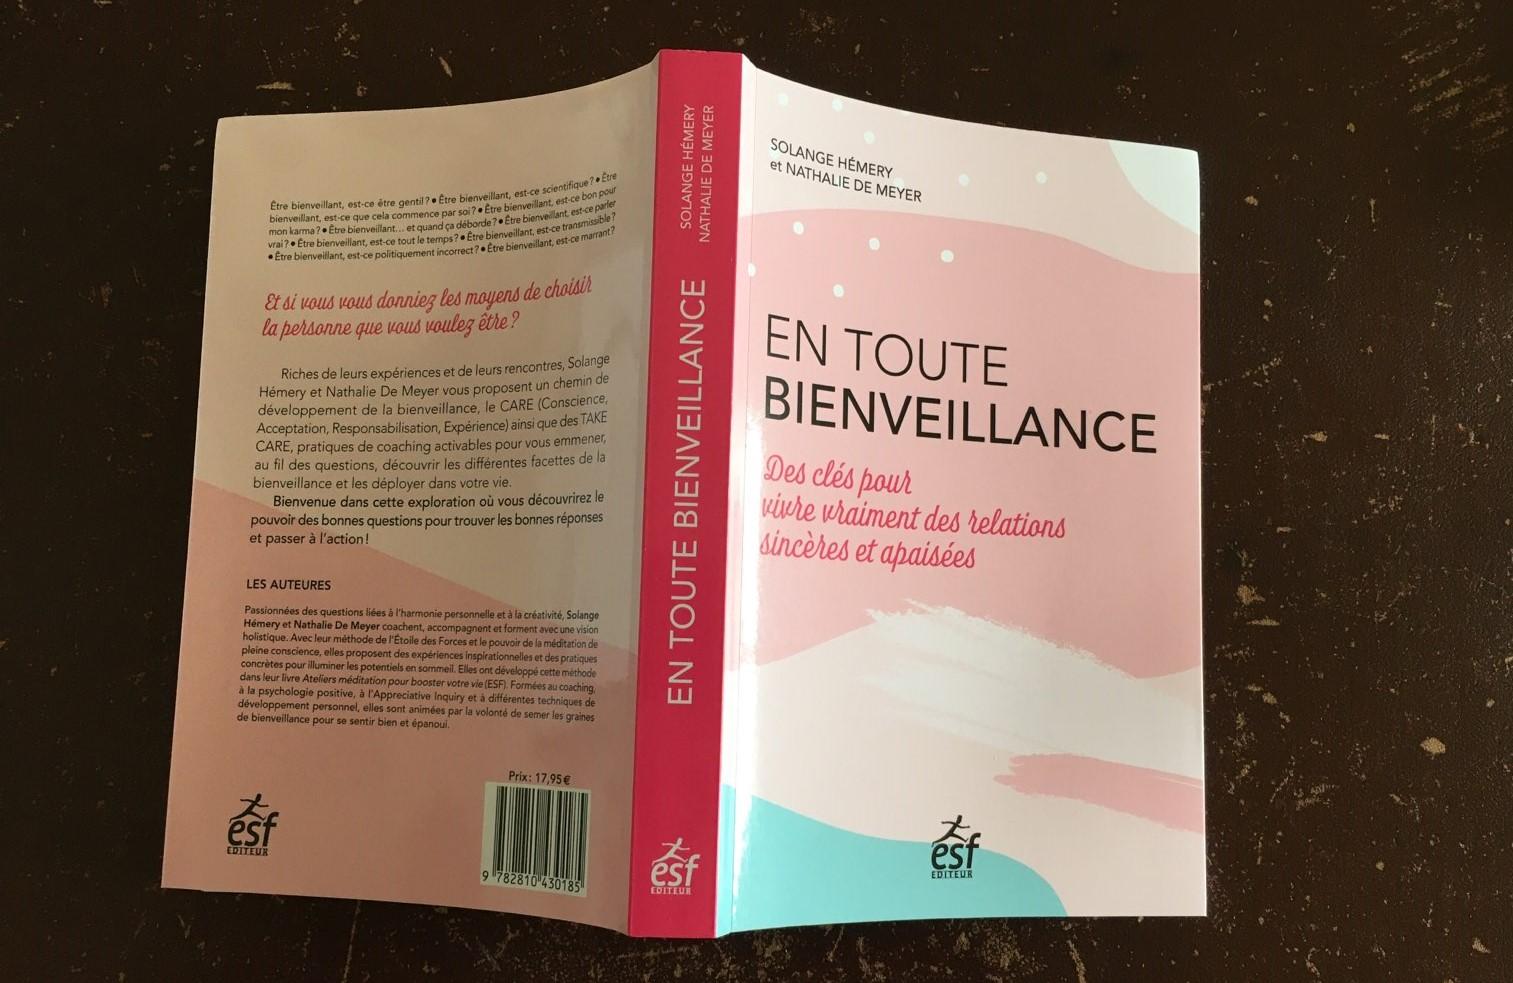 Le livre « En toute bienveillance – Des clés pour vivre vraiment des relations sincères et apaisées »